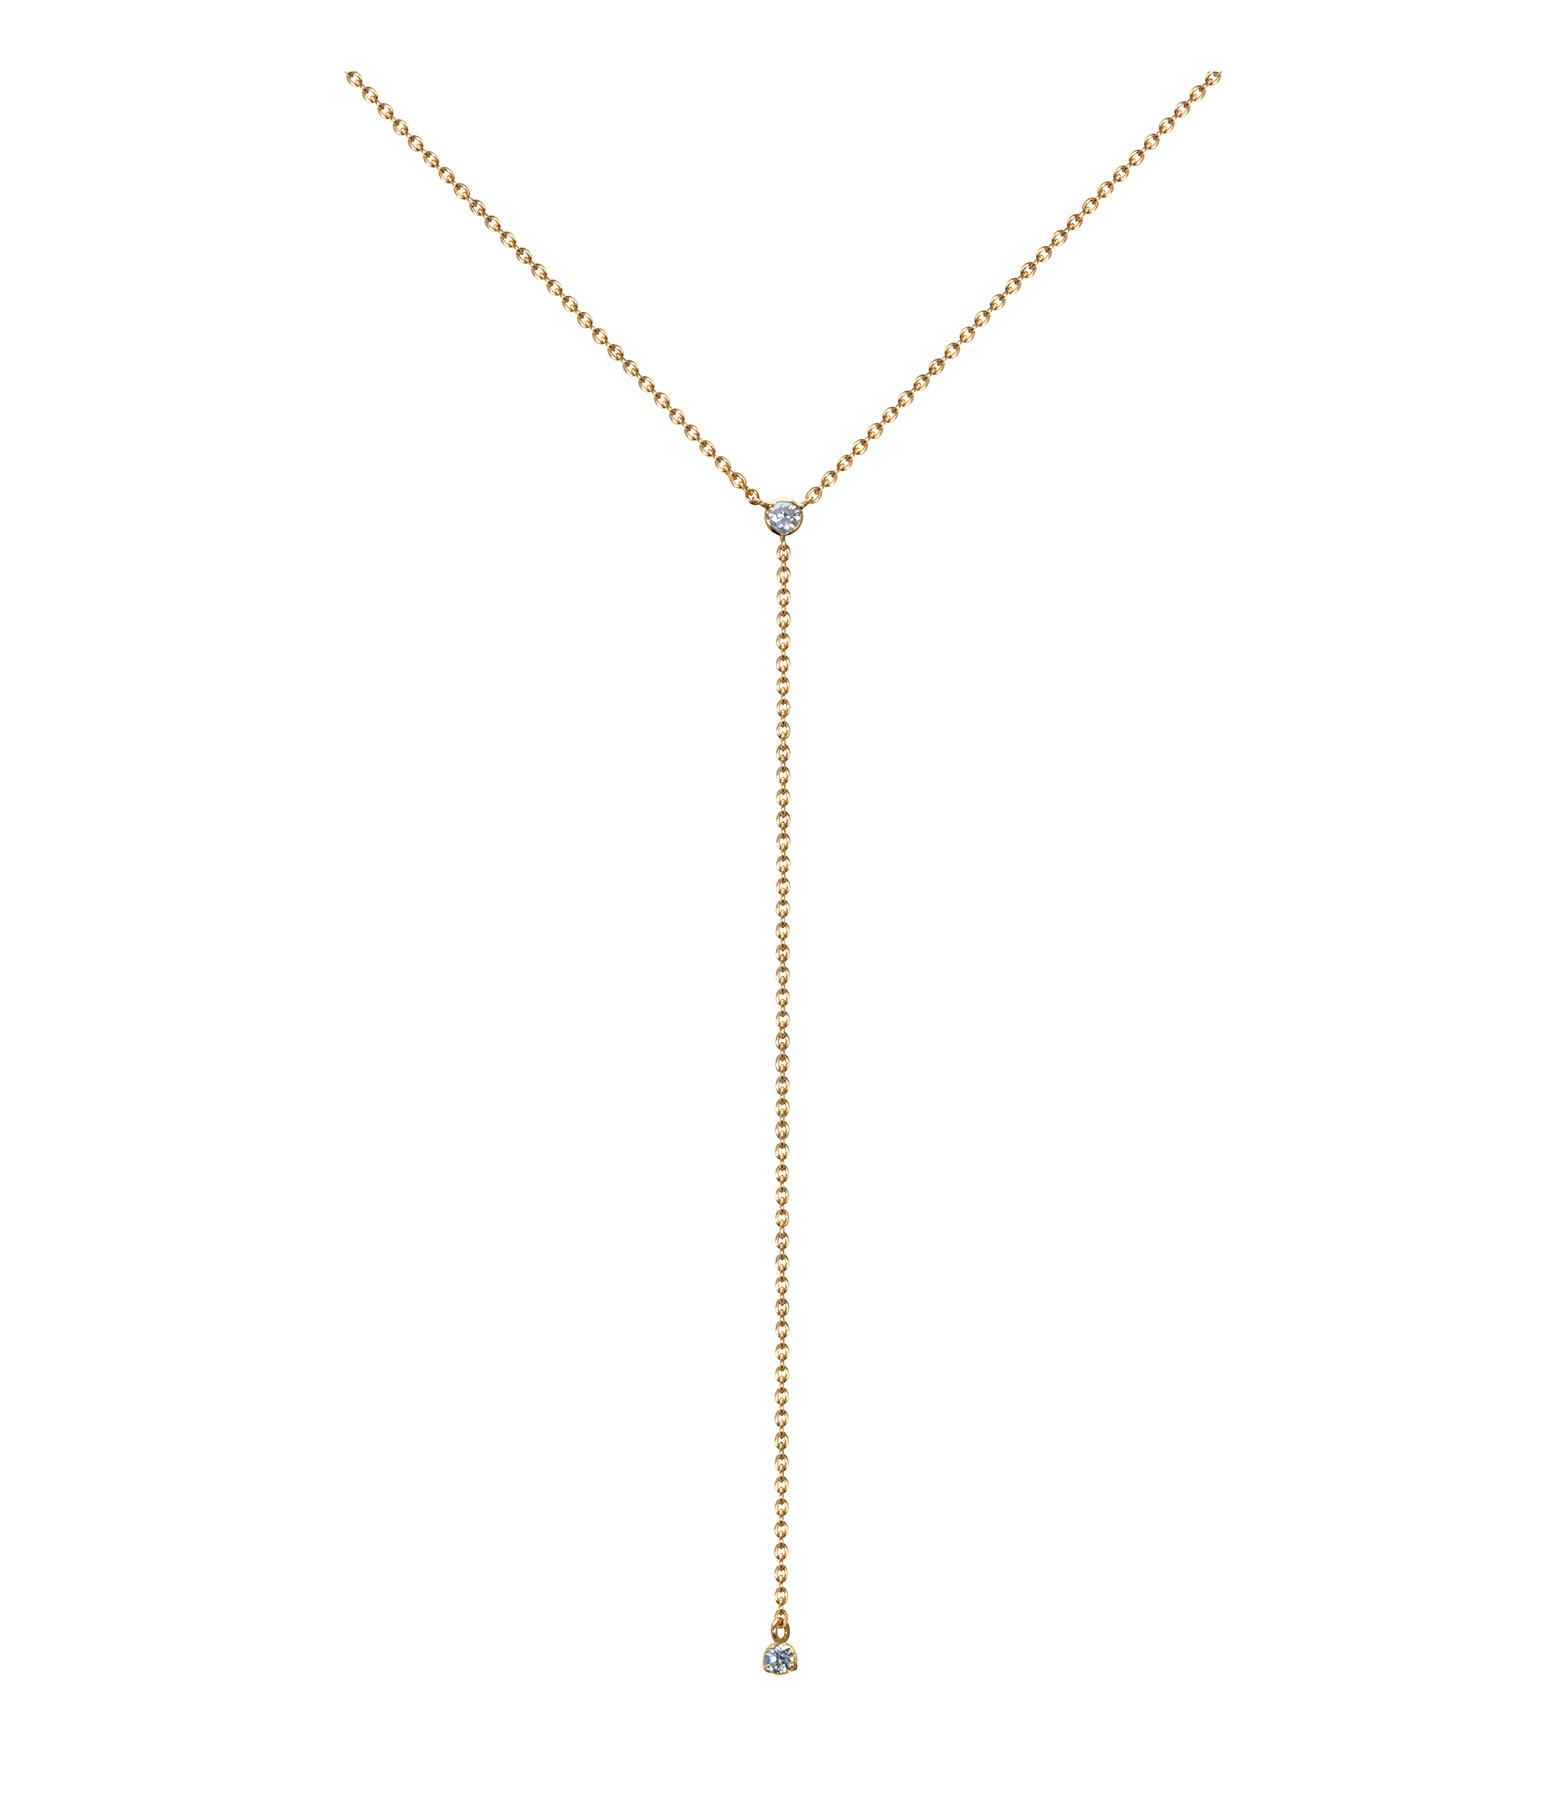 Collier Y Forçat Ronde Or et Diamants - AND PARIS